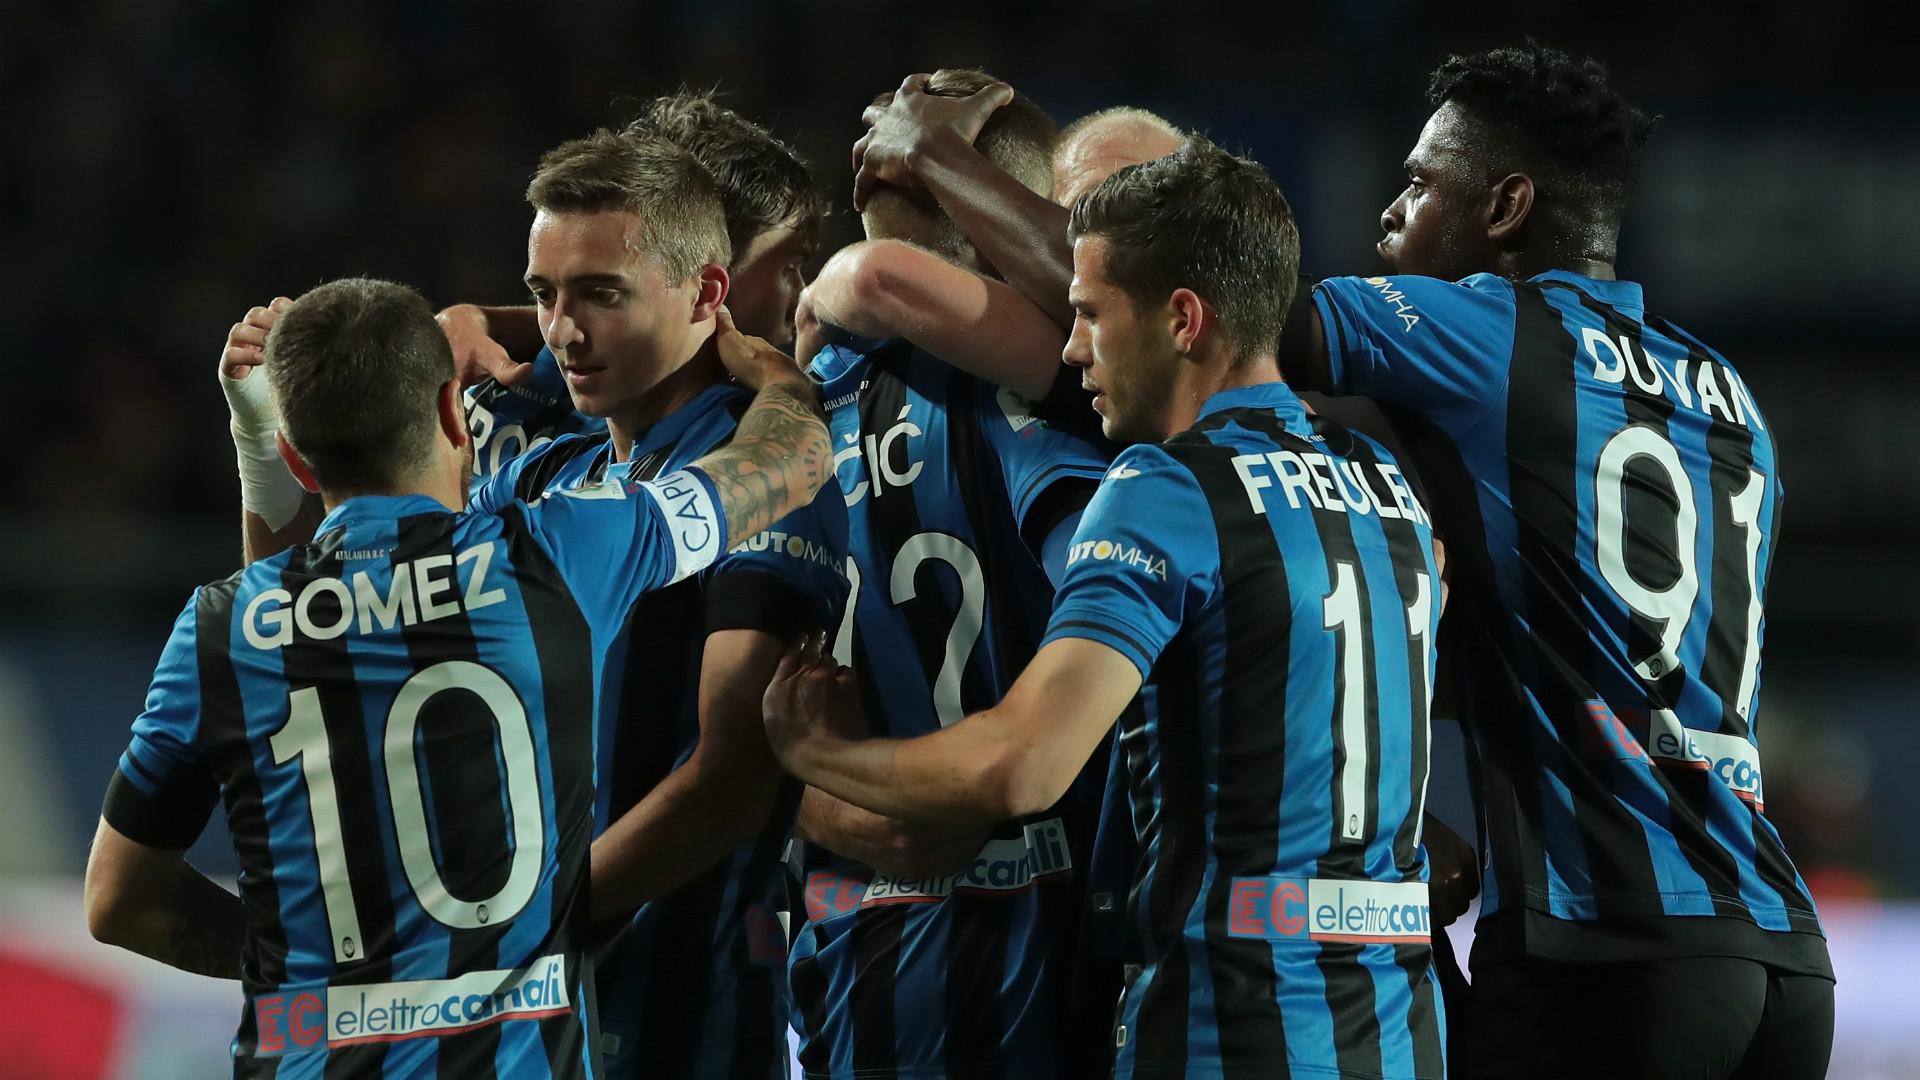 أهداف فوز أتالانتا على فيورنتينا 1/2 كأس إيطاليا